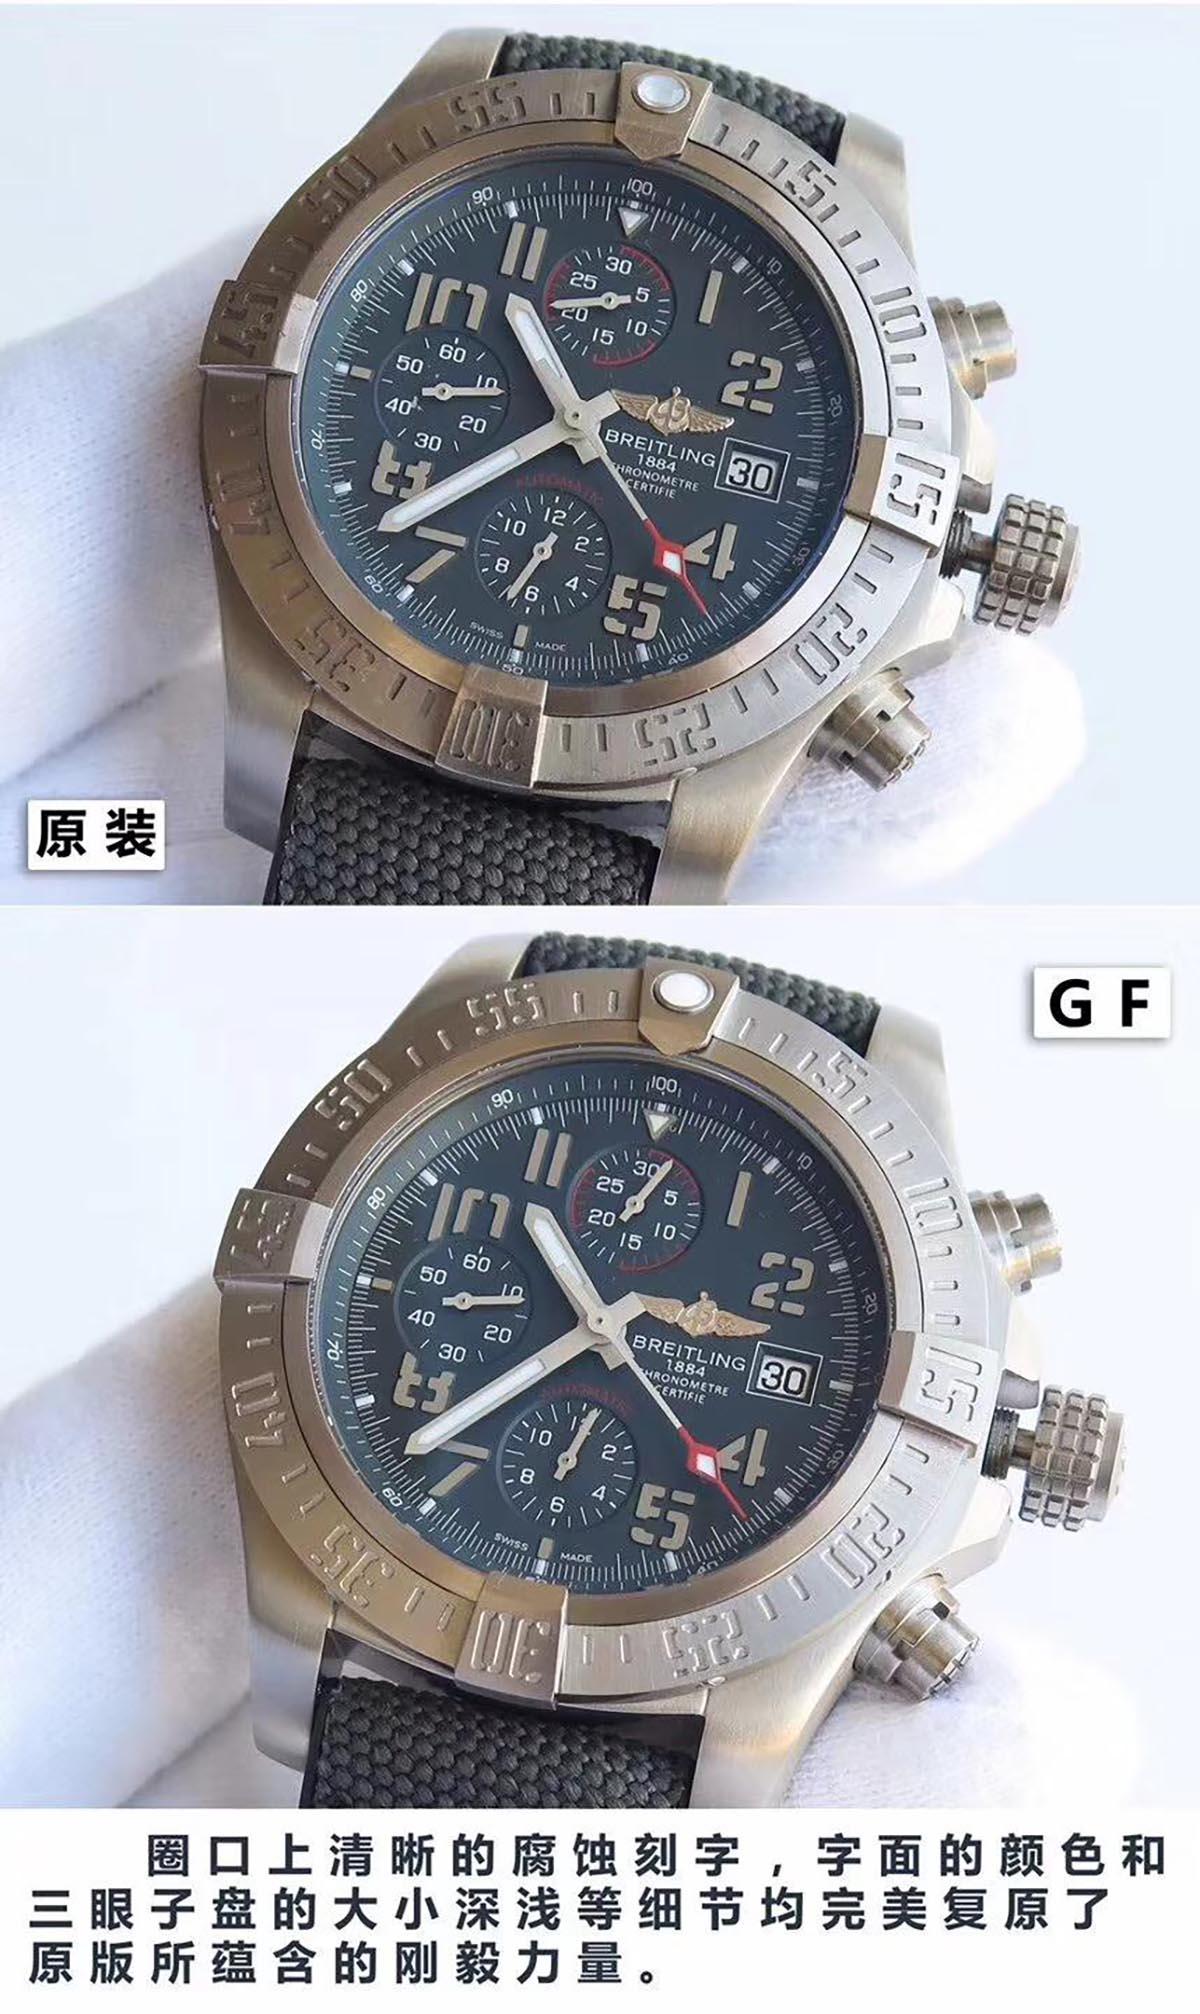 GF厂百年灵复仇者战机45mm男士腕表对比正品评测